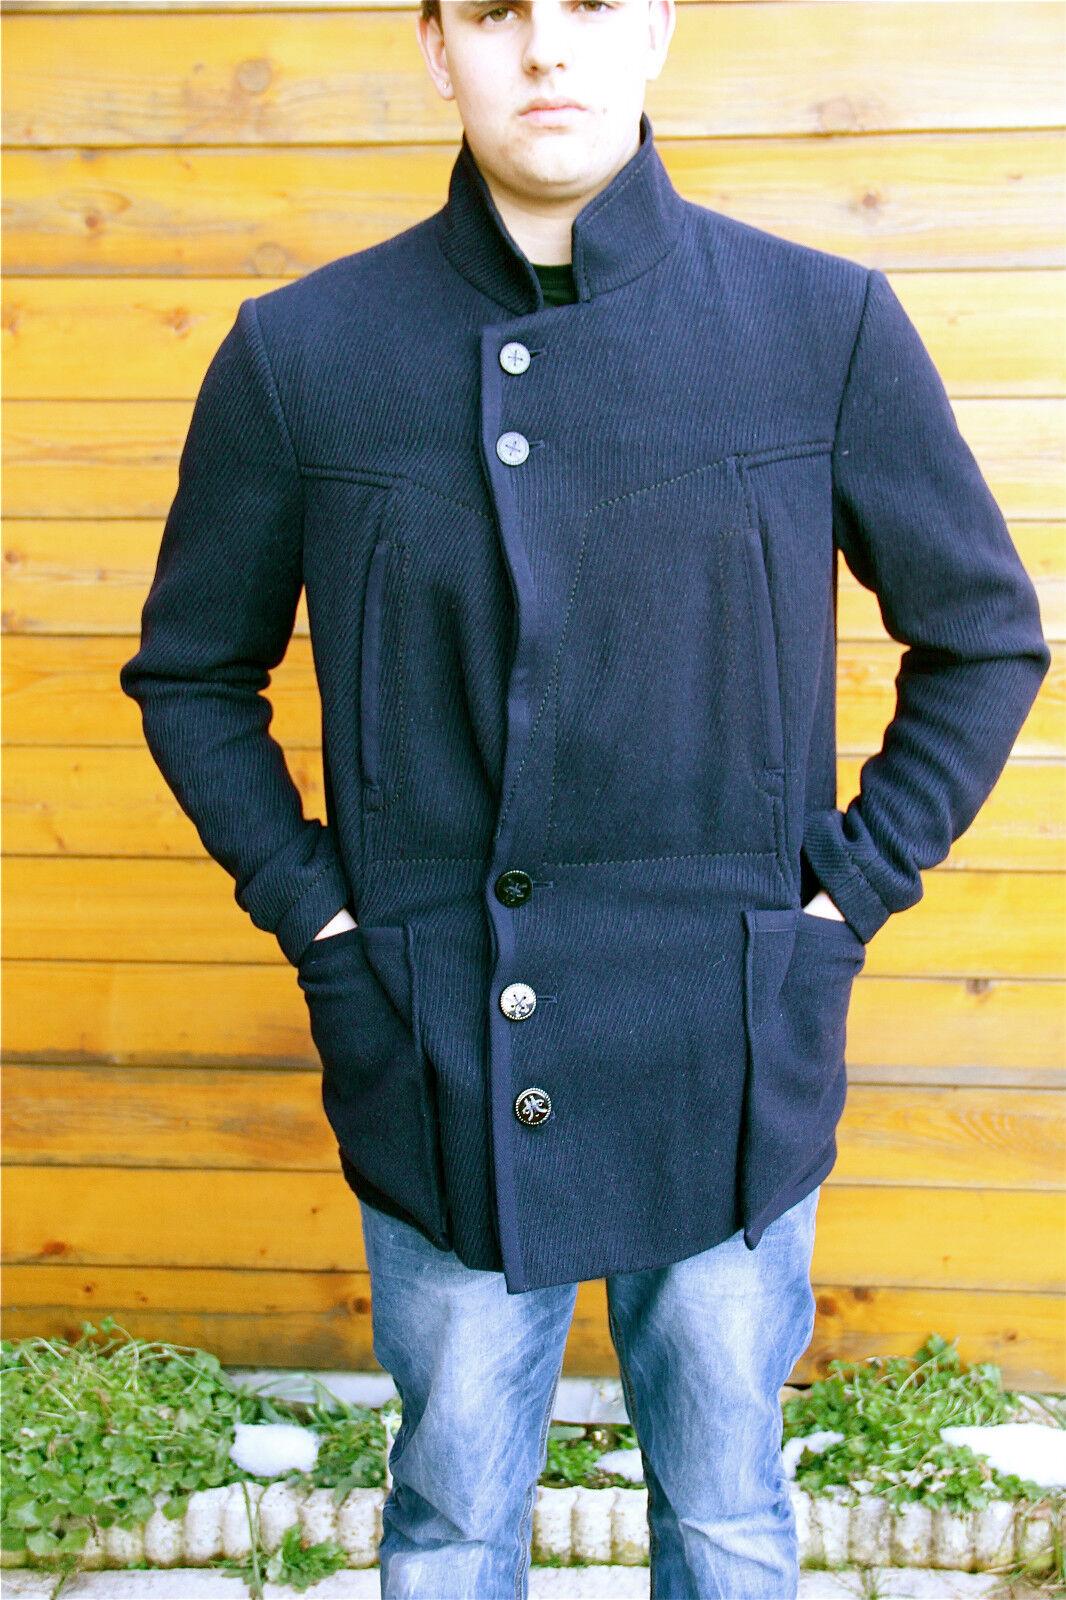 Abrigo chaqueta de hombre sábana de lana m& FRANÇOIS GIRBAUD T M ETIQUETA V